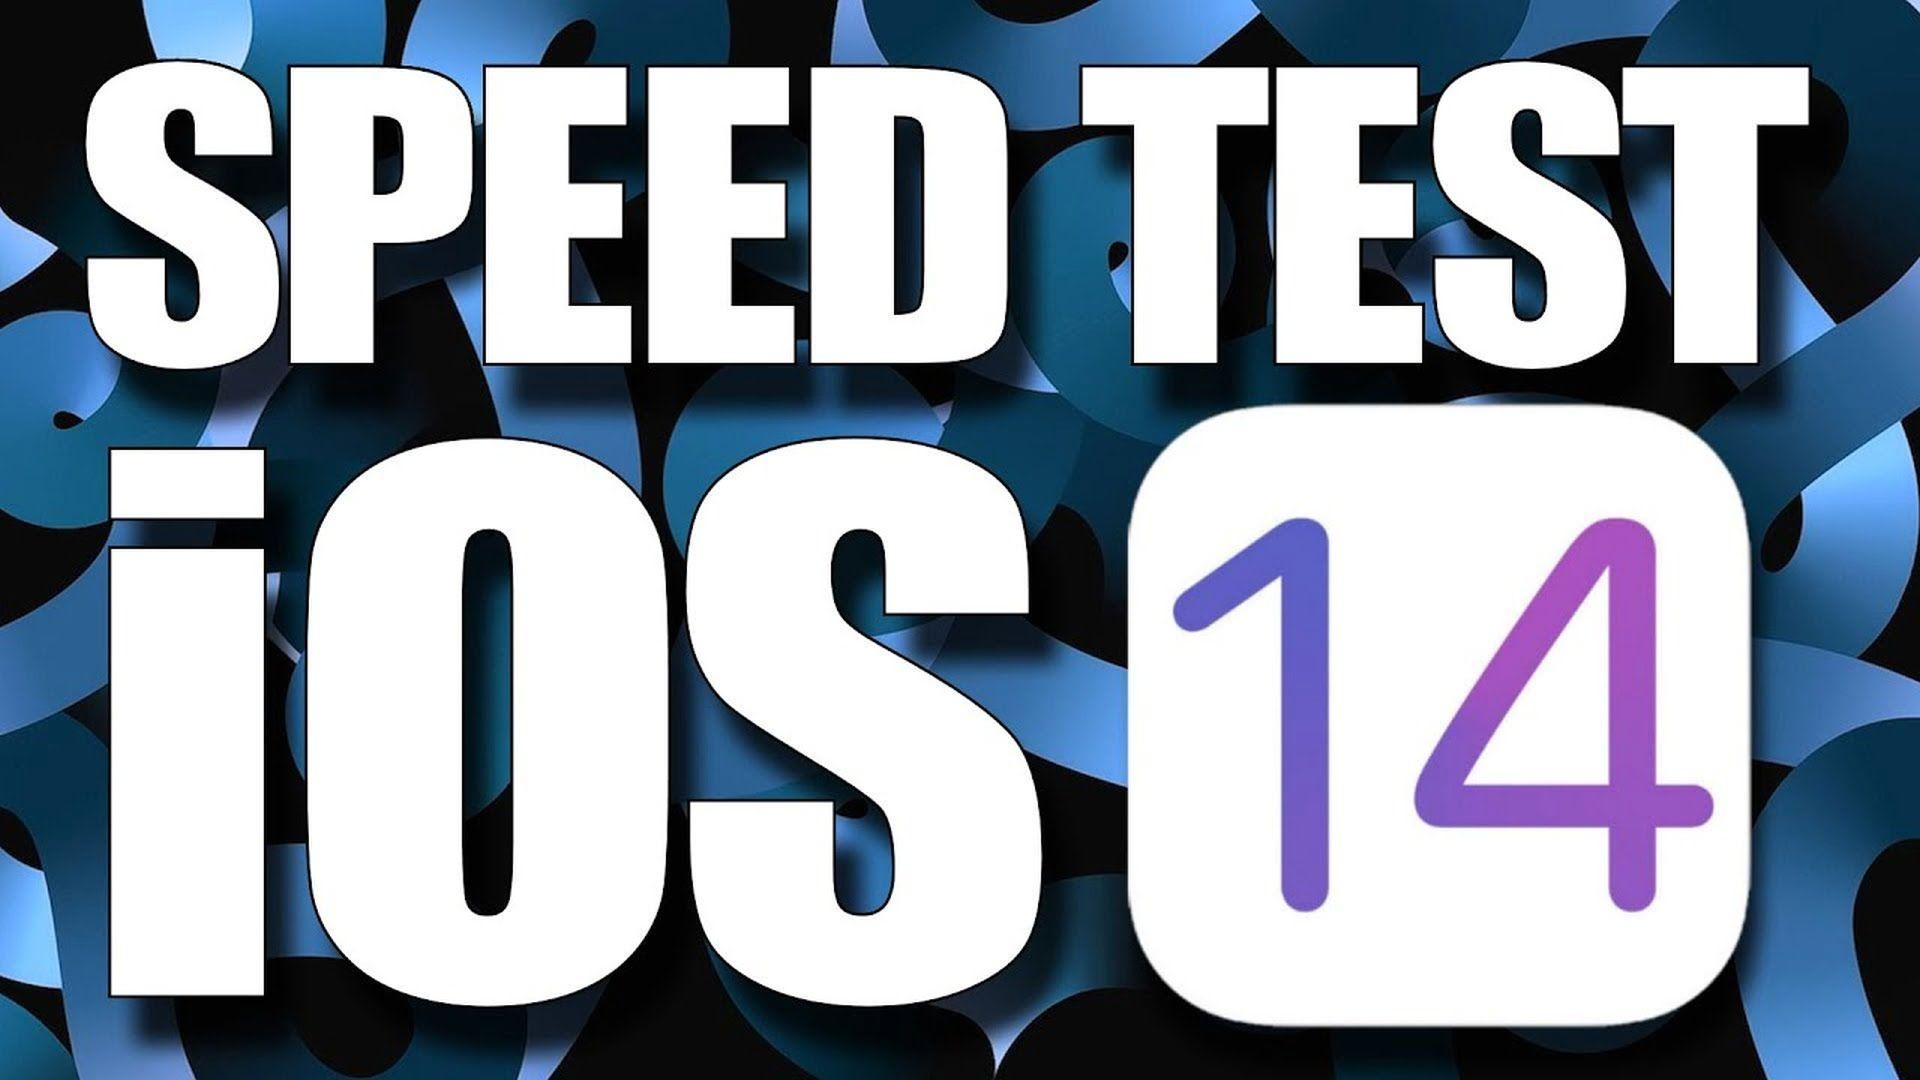 Jak działa system iOS 14 na takich iPhone'ach jak SE, 6s, 7, 8 i Xr